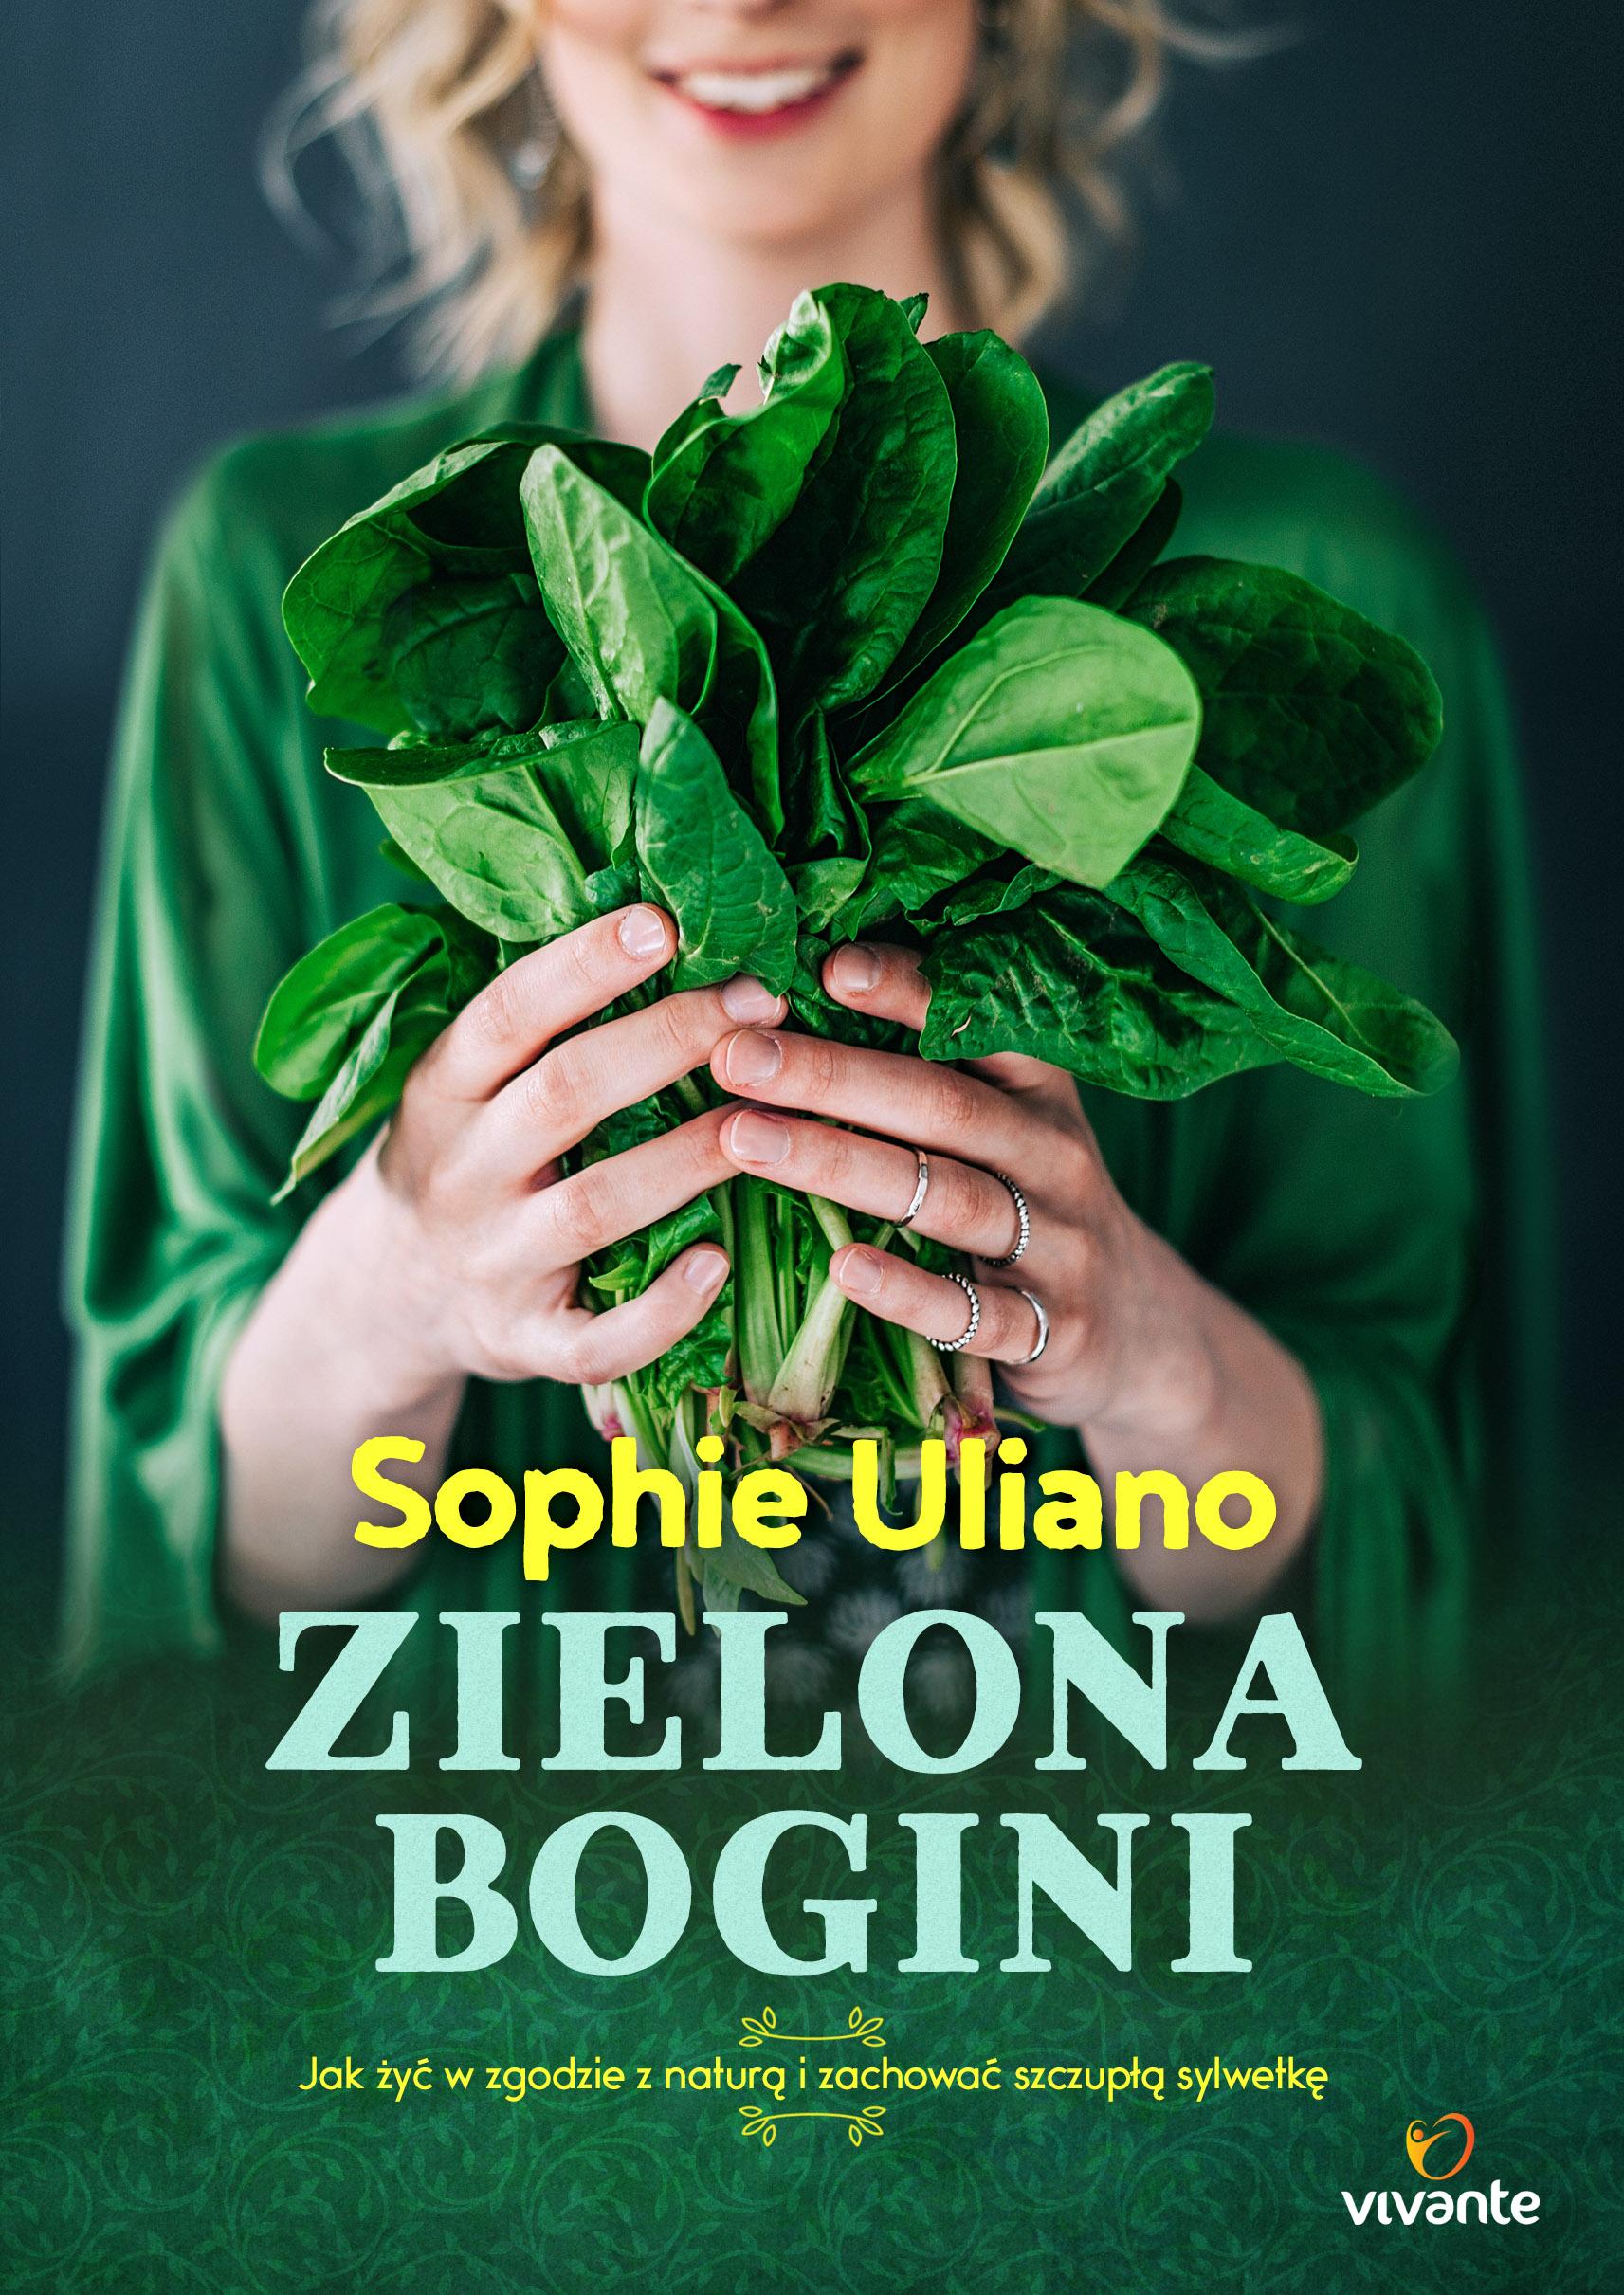 http://illuminatio.pl/produkt/zielona-bogini/